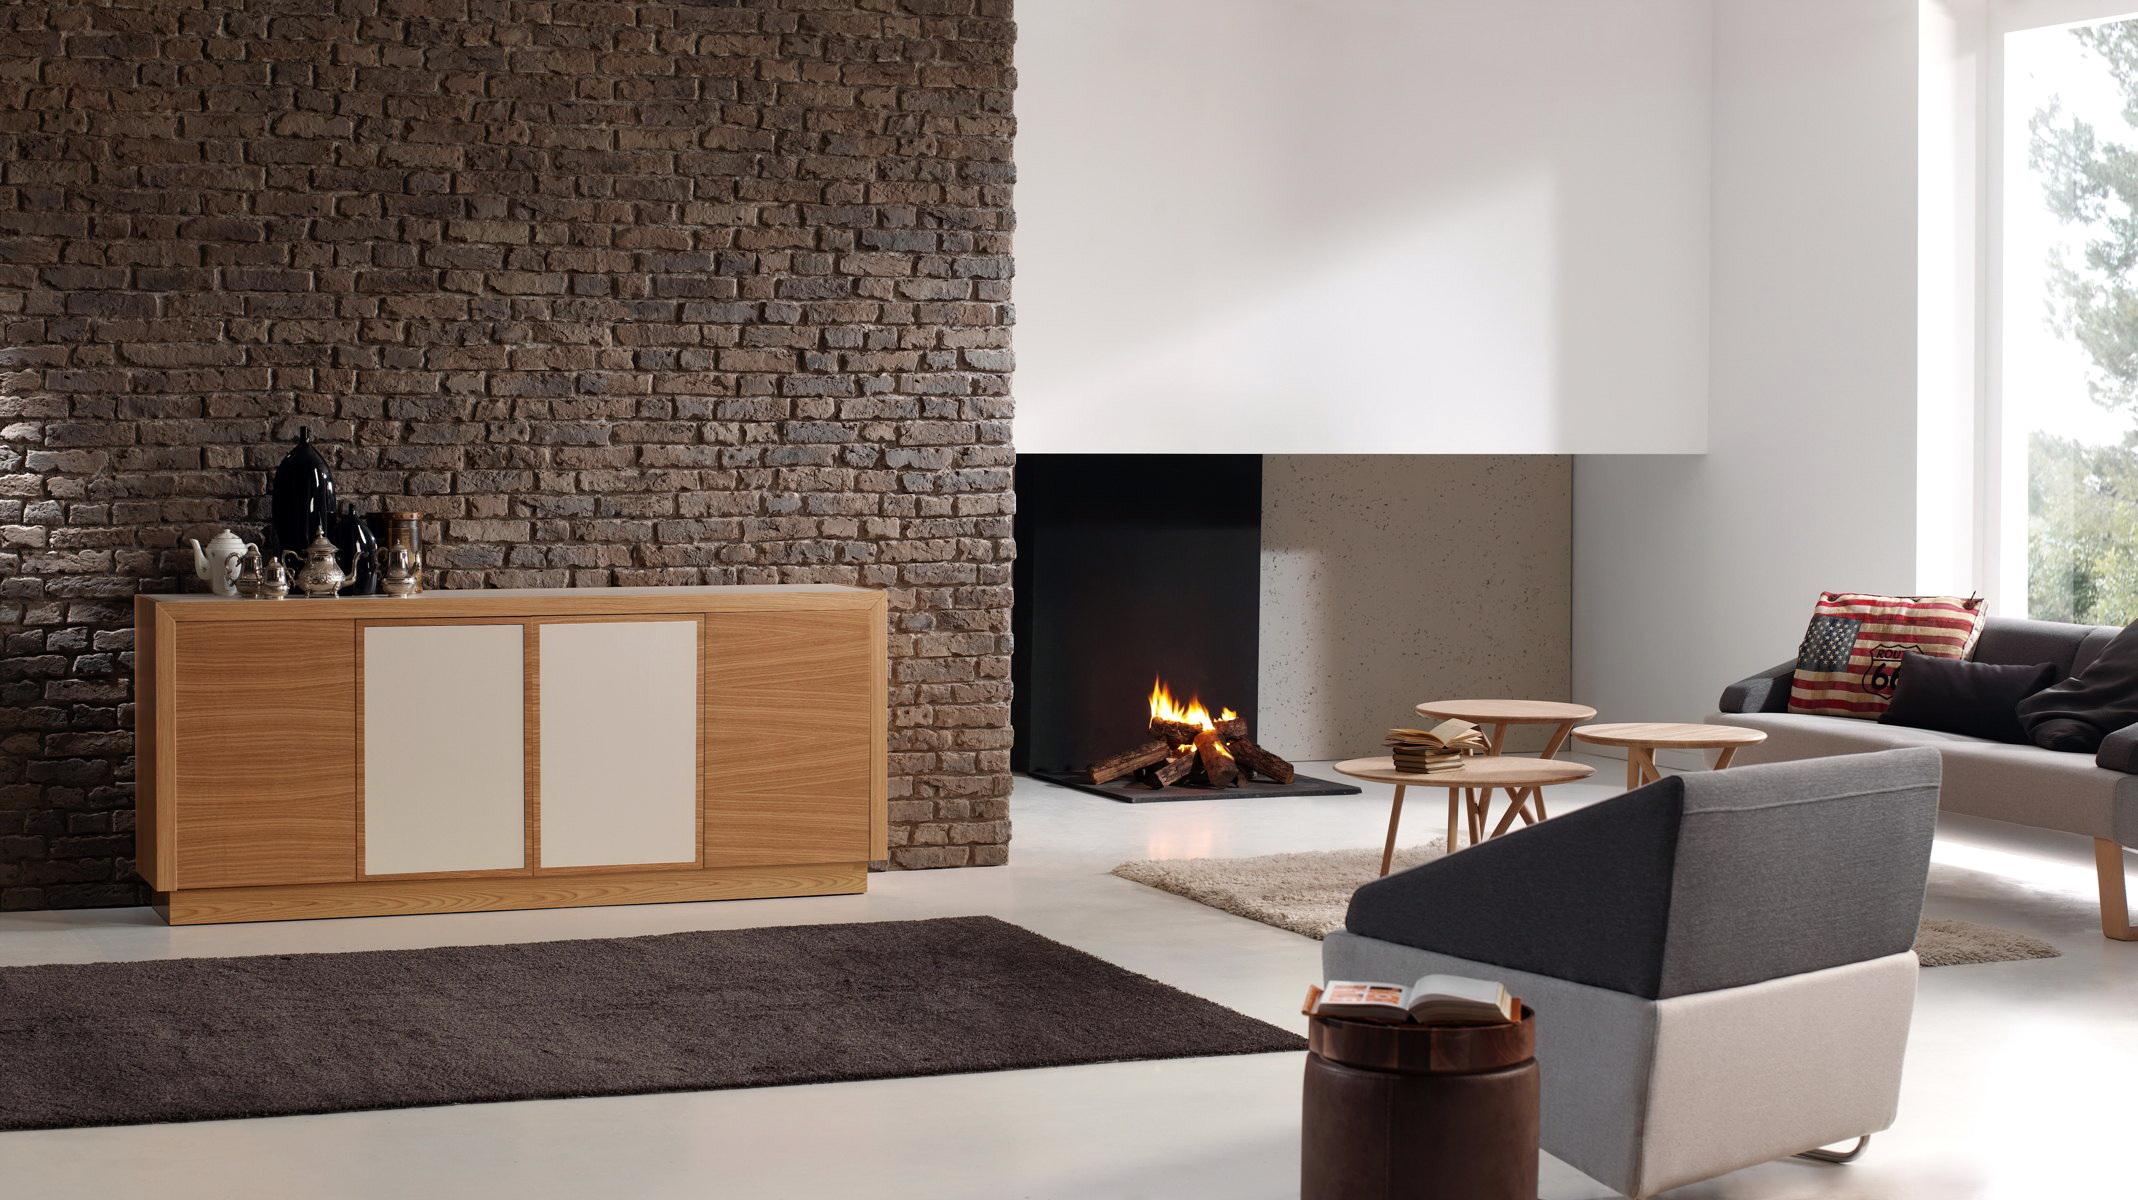 Aparador moderno Zache0069 by Zache Diseño en muebles antoñán® León